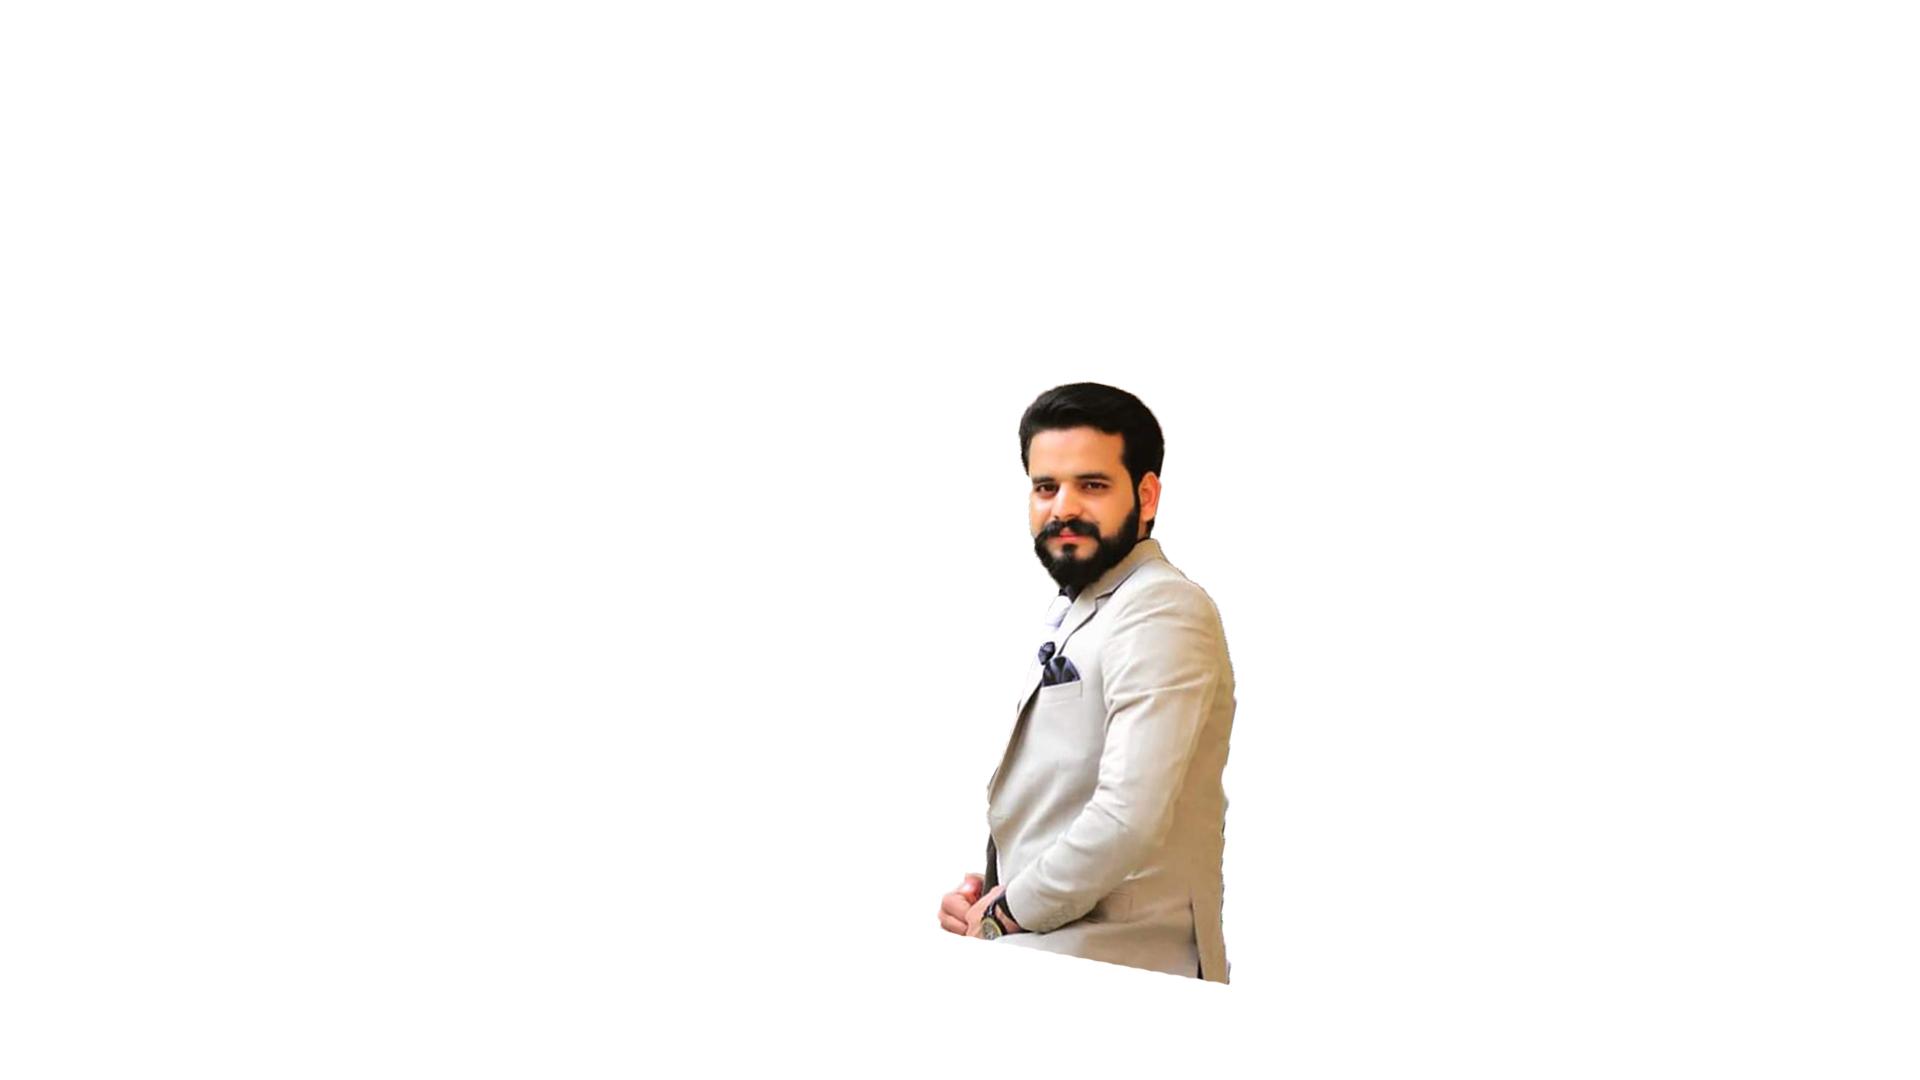 Ahmad Nazeer